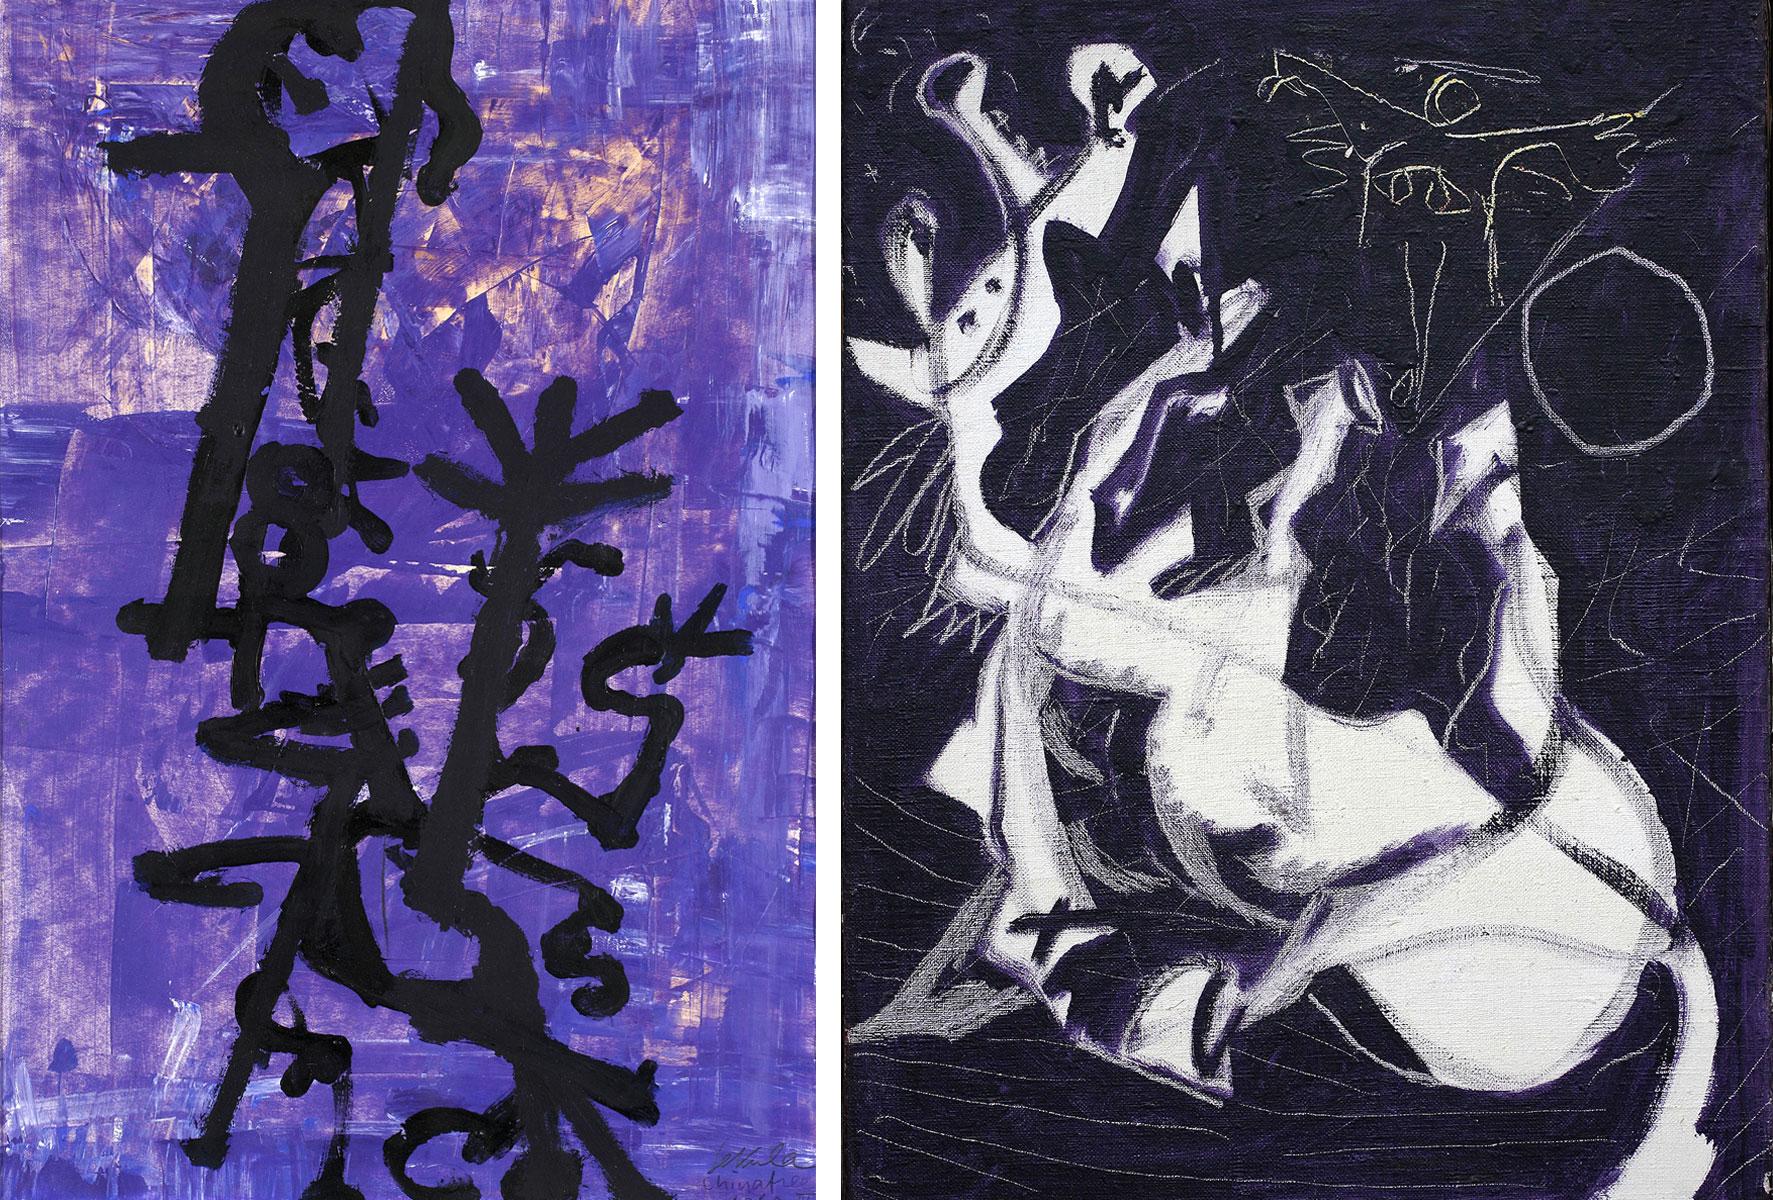 Zwei Werke in der Ausstellung. Links: Sonja Sekula: «Chinatree», 1960. Rechts: Jackson Pollock: «Untitled (Composition with Sgraffito II)», 1944. (Bild: Kunstmuseum Luzern/Kunsthaus Zürich)